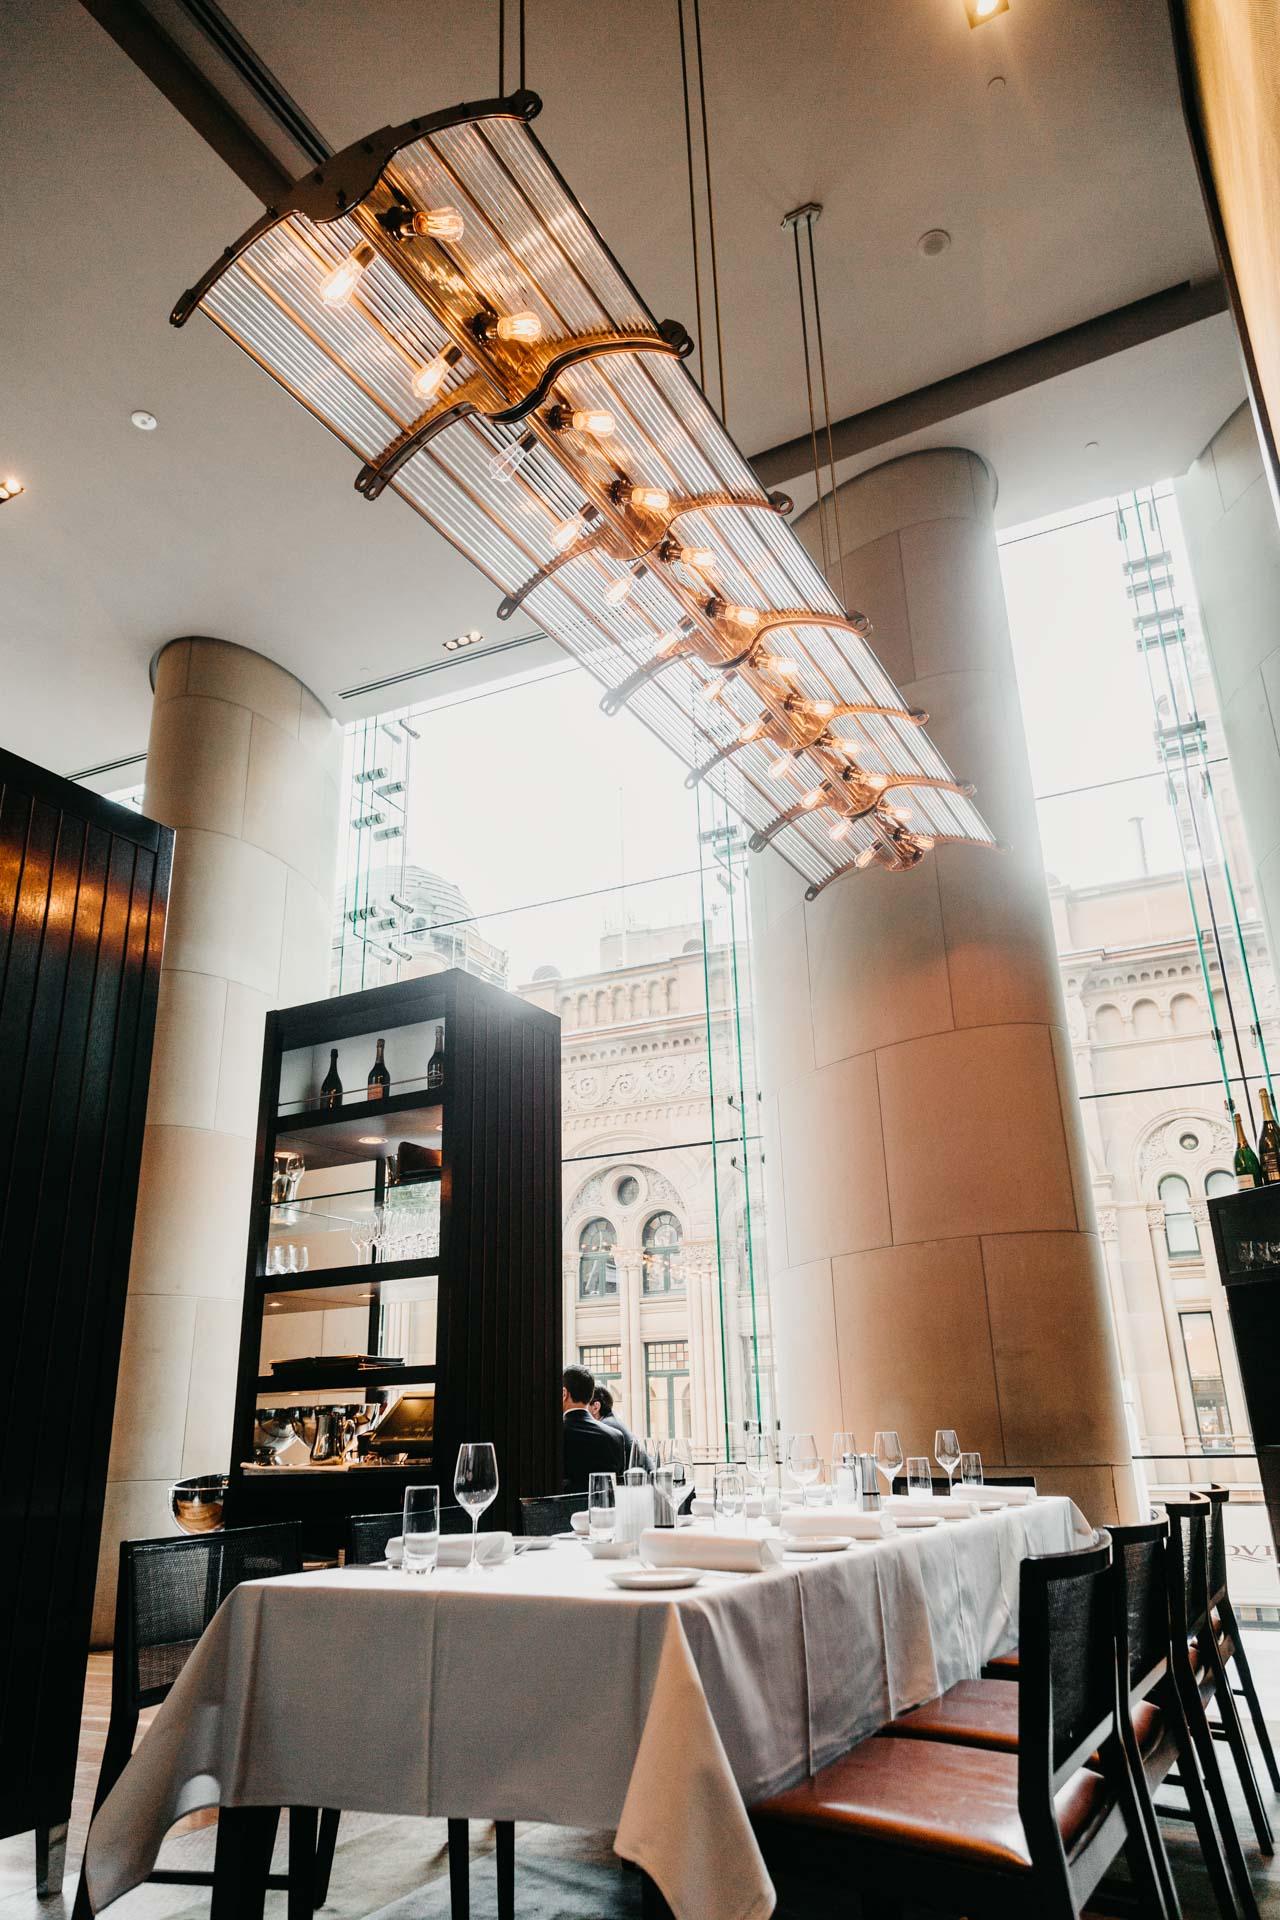 glass - restaurant interior - 2018 (lowres)-14.jpg